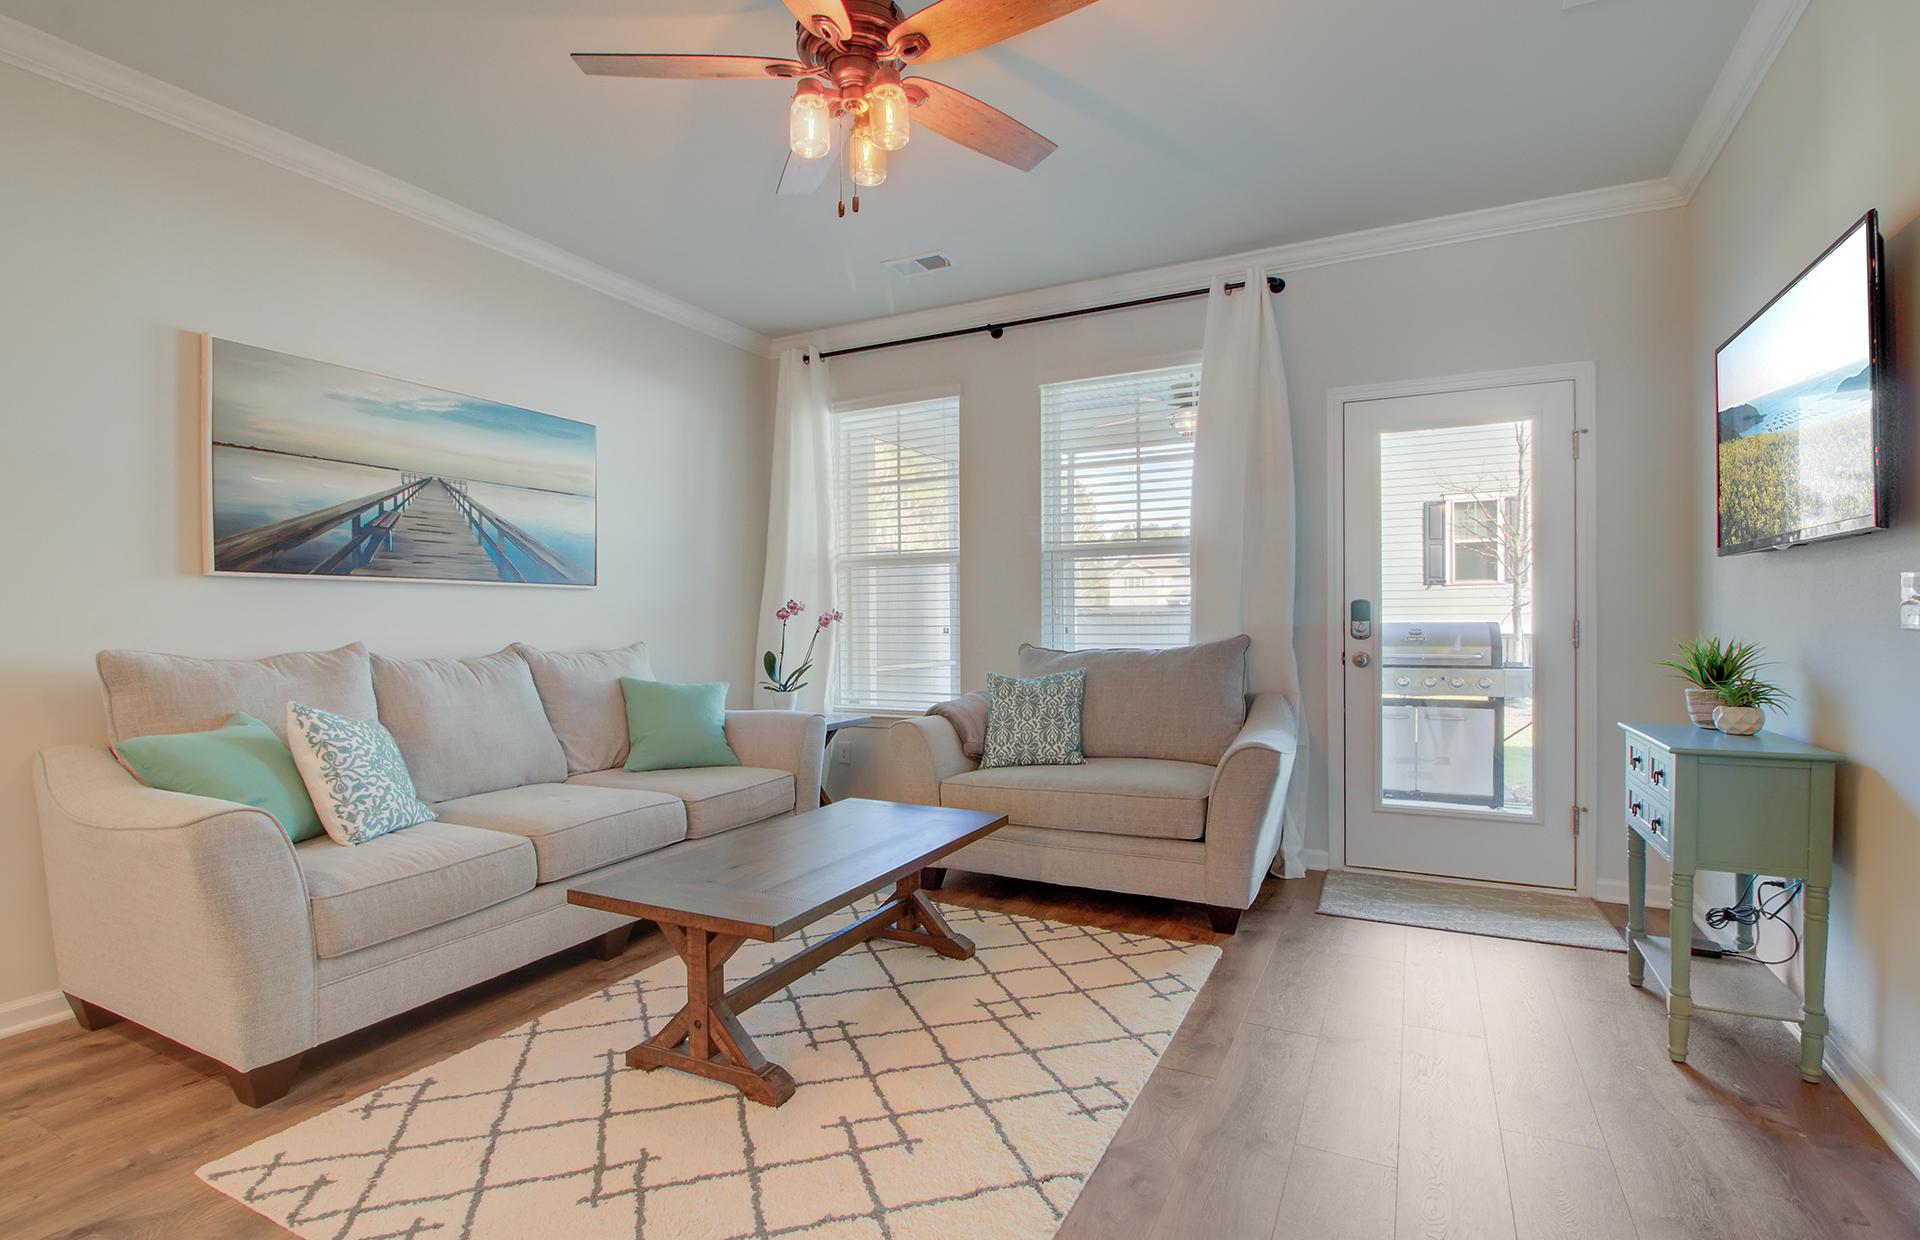 Park West Homes For Sale - 2569 Kingsfield, Mount Pleasant, SC - 29